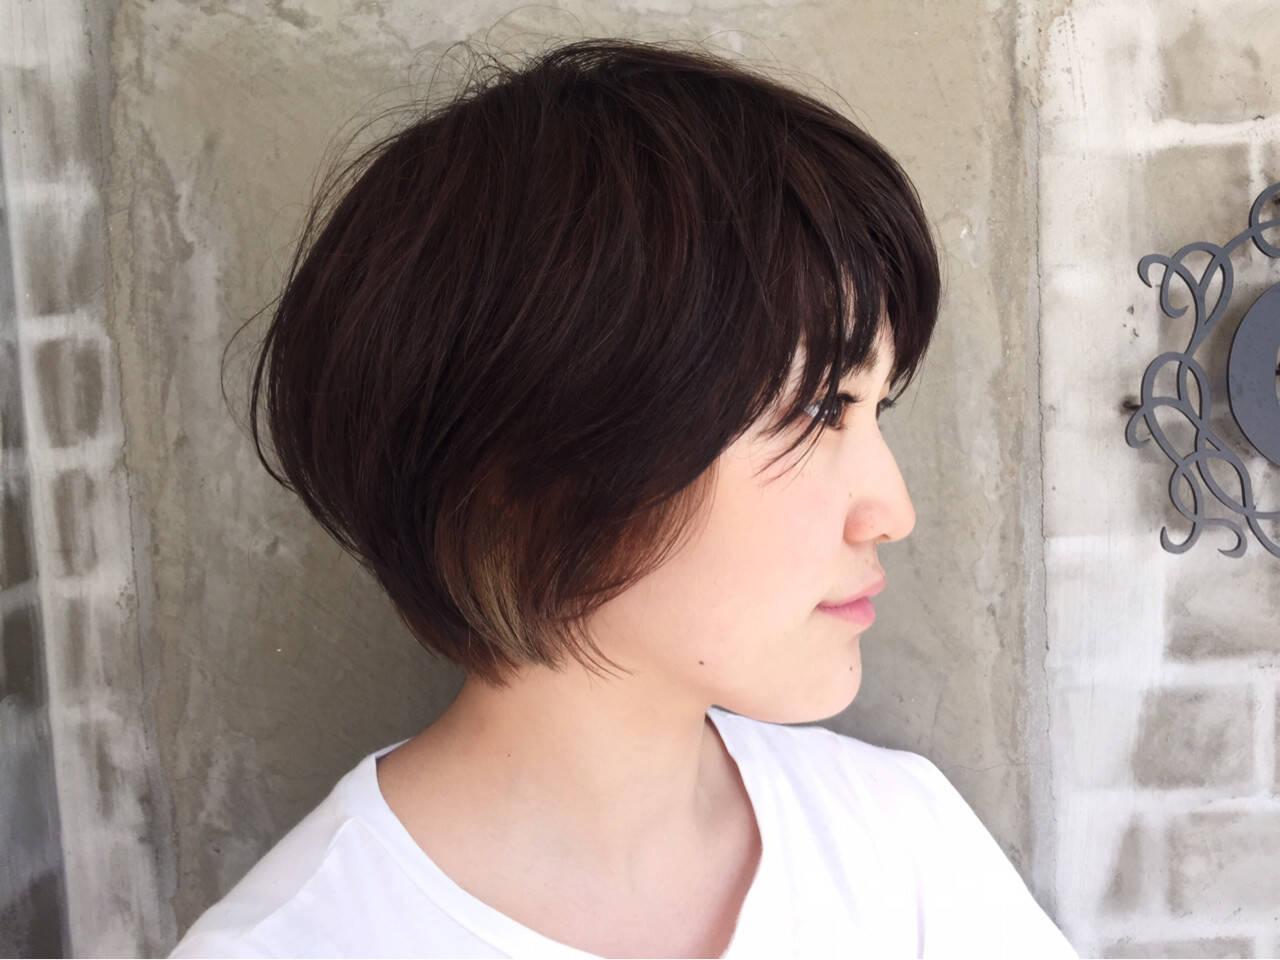 ダブルカラー ハイライト ブリーチ インナーカラーヘアスタイルや髪型の写真・画像